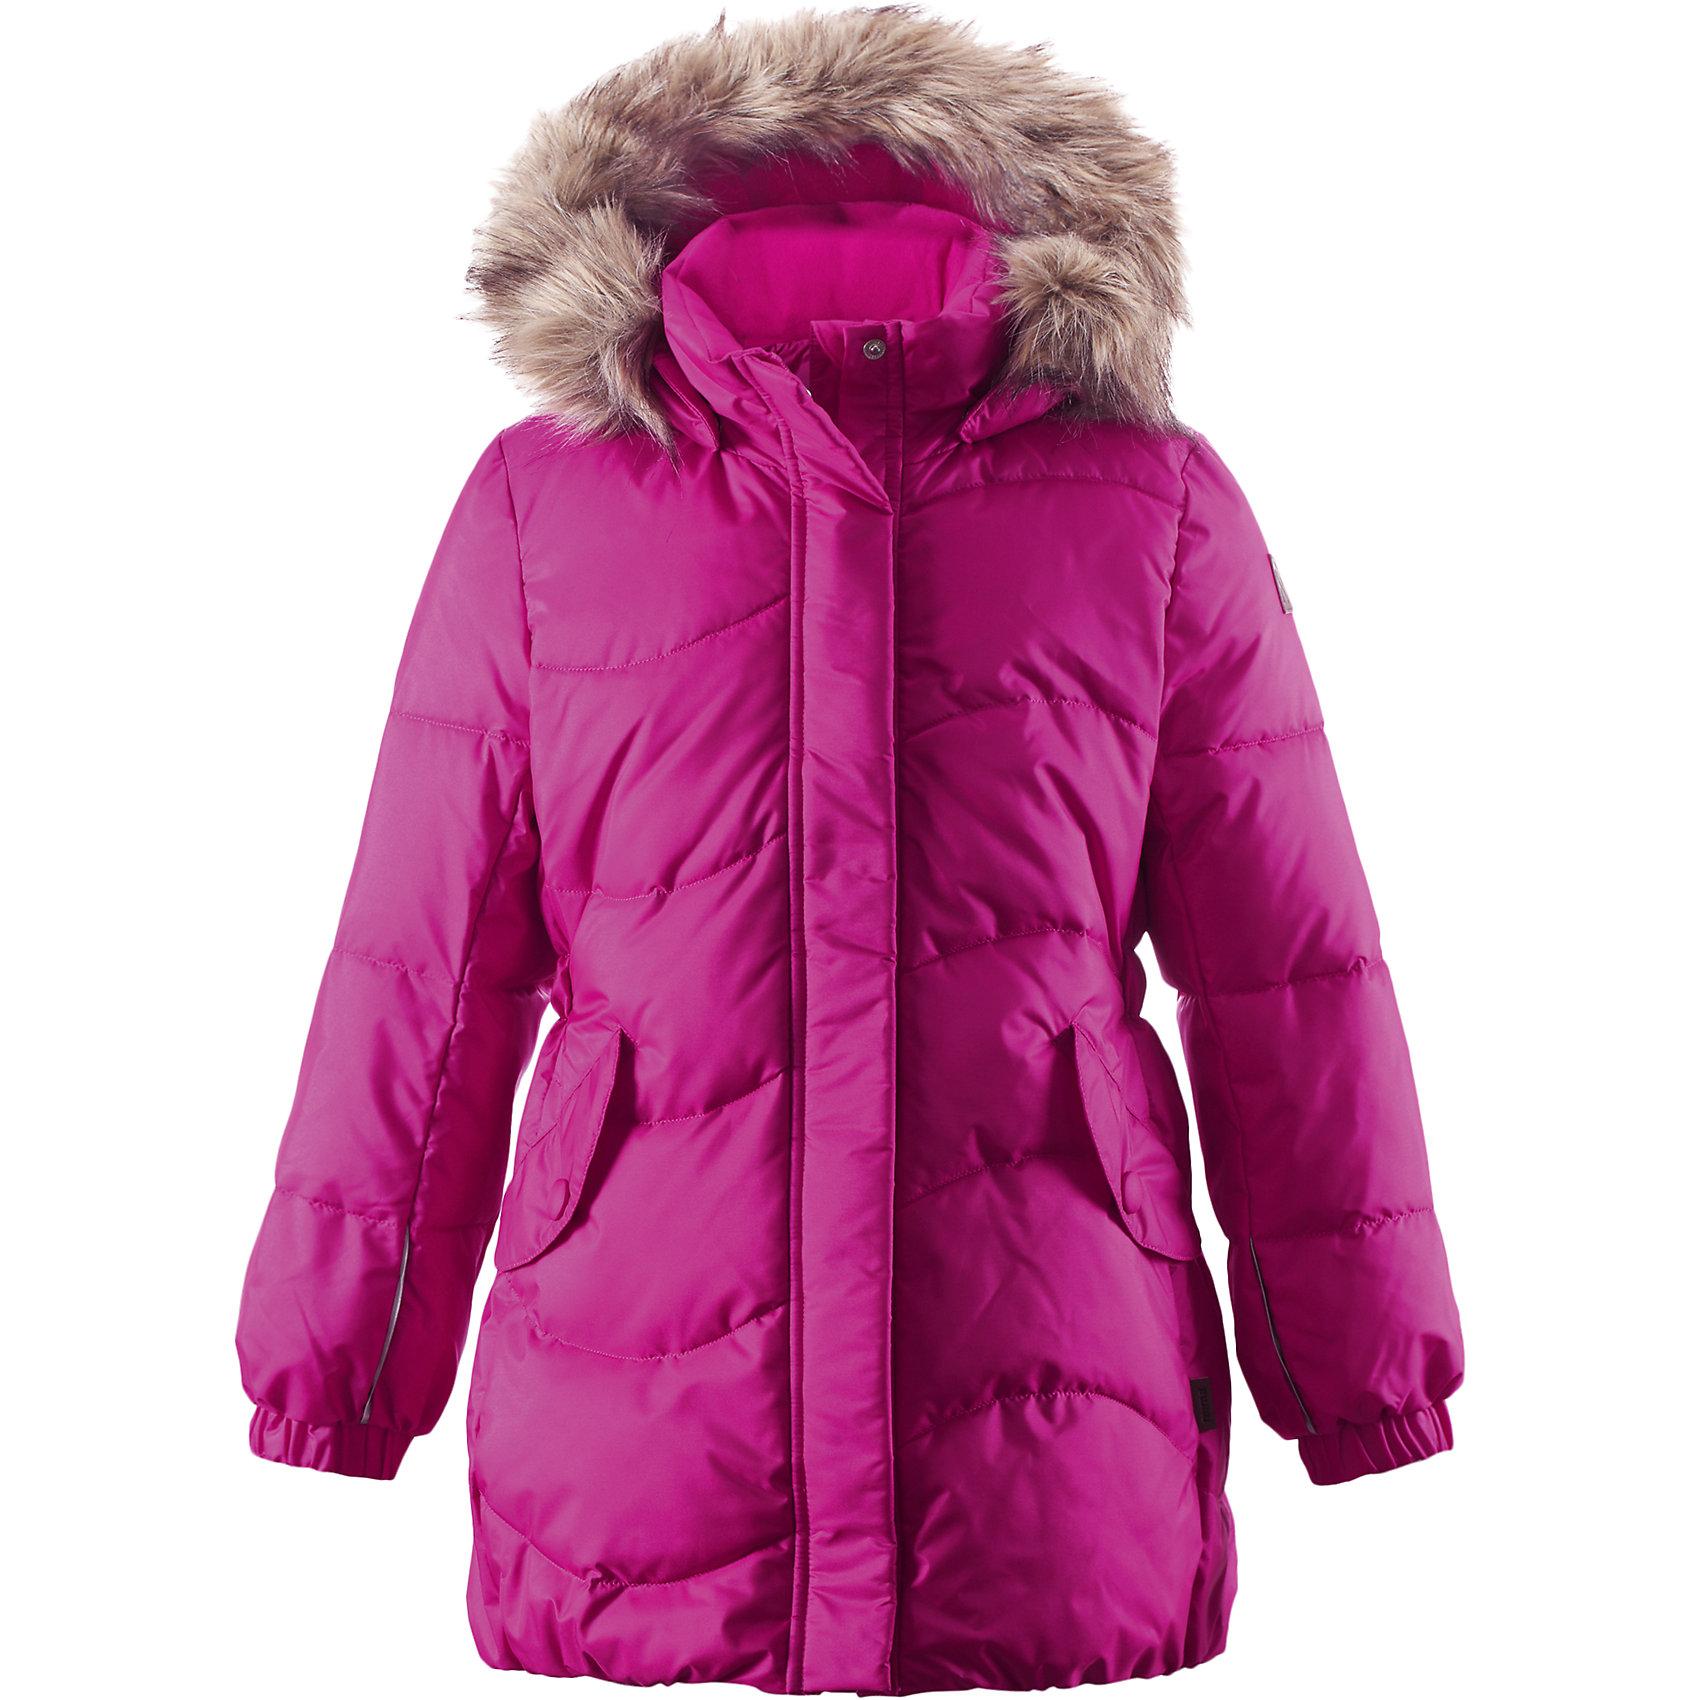 Пальто Sula для девочки ReimaОдежда<br>Пальто для девочки Reima<br>Зимняя куртка для подростков. Водоотталкивающий, ветронепроницаемый, «дышащий» и грязеотталкивающий материал. Крой для девочек. Гладкая подкладка из полиэстра. Имитация пуха Безопасный съемный капюшон с отсоединяемой меховой каймой из искусственного меха. Эластичные манжеты. Эластичная талия. Два кармана с клапанами. Безопасные светоотражающие элементы. Петля для дополнительных светоотражающих деталей.<br>Уход:<br>Стирать по отдельности, вывернув наизнанку. Перед стиркой отстегните искусственный мех. Застегнуть молнии и липучки. Стирать моющим средством, не содержащим отбеливающие вещества. Полоскать без специального средства. Во избежание изменения цвета изделие необходимо вынуть из стиральной машинки незамедлительно после окончания программы стирки. Сушить при низкой температуре.<br>Состав:<br>65% Полиамид, 35% Полиэстер, полиуретановое покрытие<br><br>Ширина мм: 356<br>Глубина мм: 10<br>Высота мм: 245<br>Вес г: 519<br>Цвет: розовый<br>Возраст от месяцев: 120<br>Возраст до месяцев: 132<br>Пол: Женский<br>Возраст: Детский<br>Размер: 104,122,146,152,158,110,134,128,164,116,140<br>SKU: 4778279